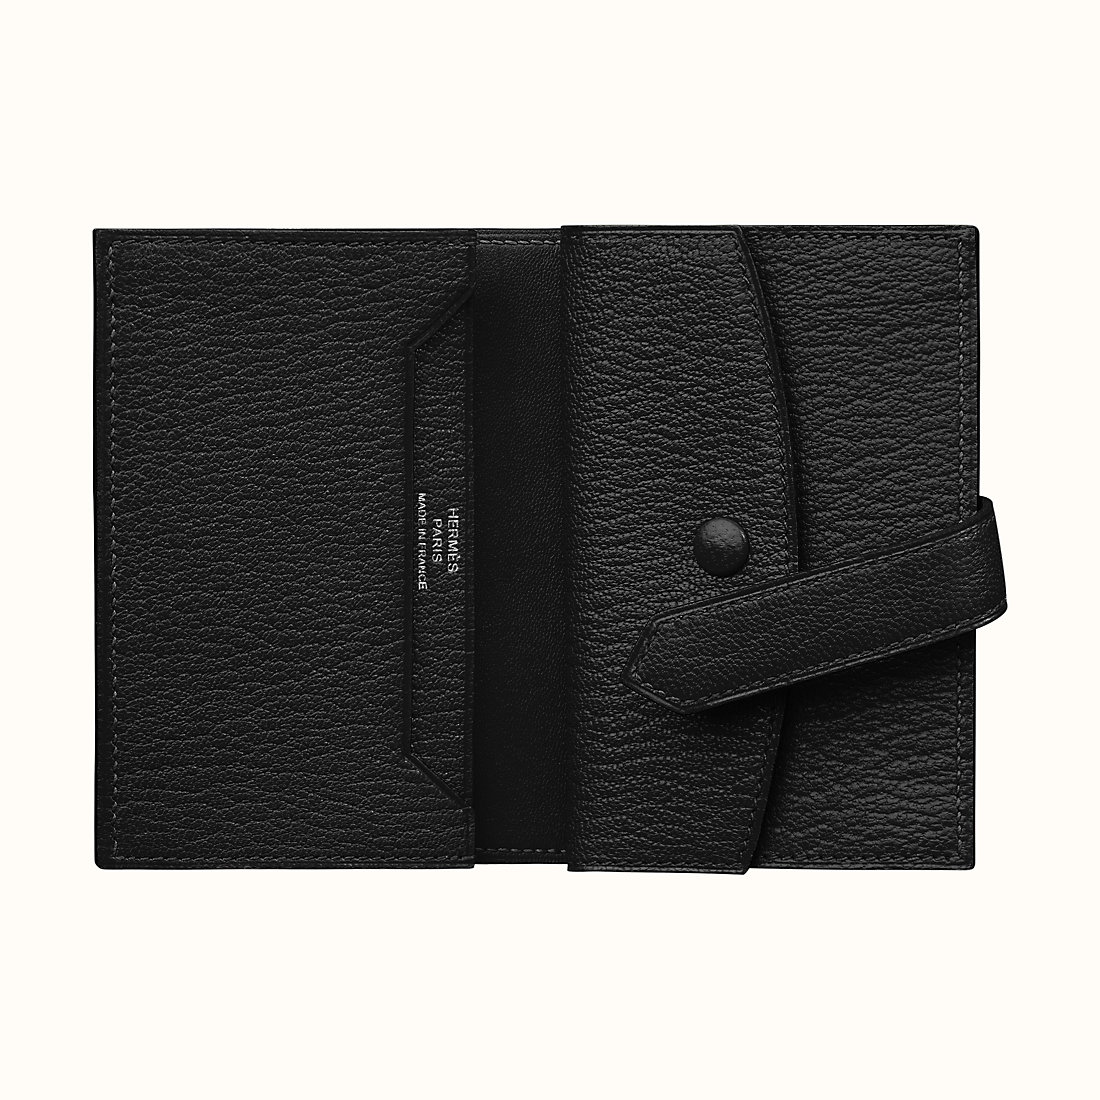 臺灣新竹縣愛馬仕錢包 Hermes Bearn mini wallet CK89 Noir 山羊皮